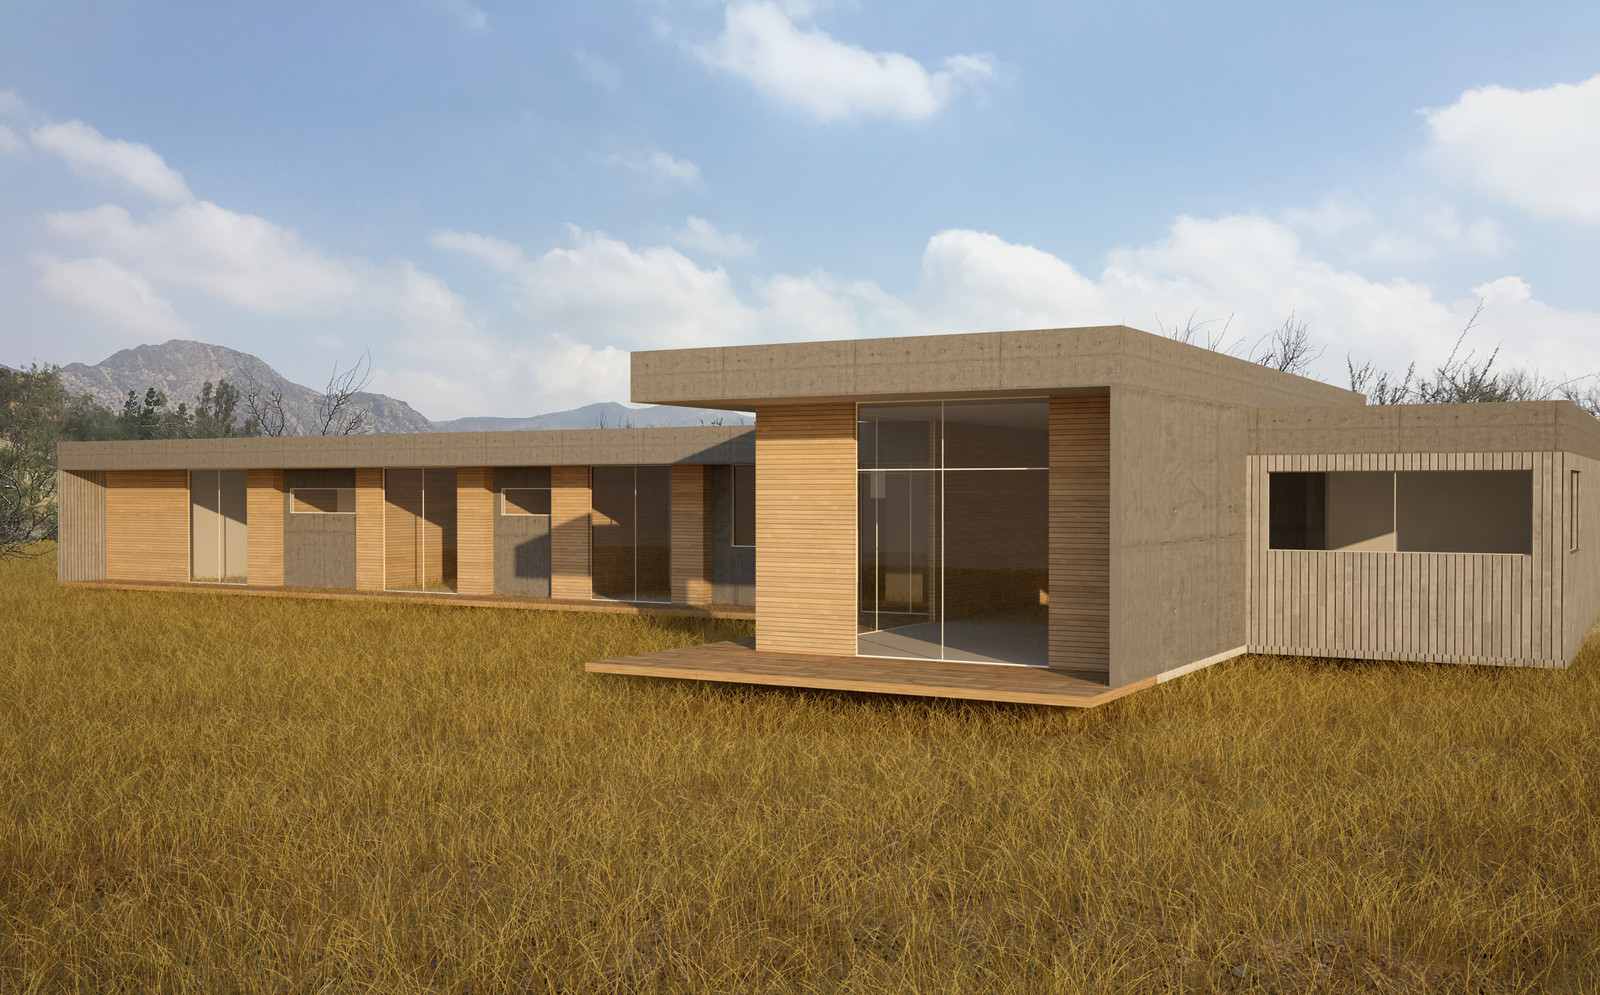 Modelos de casas - Casas prefabricadas llave en mano ...